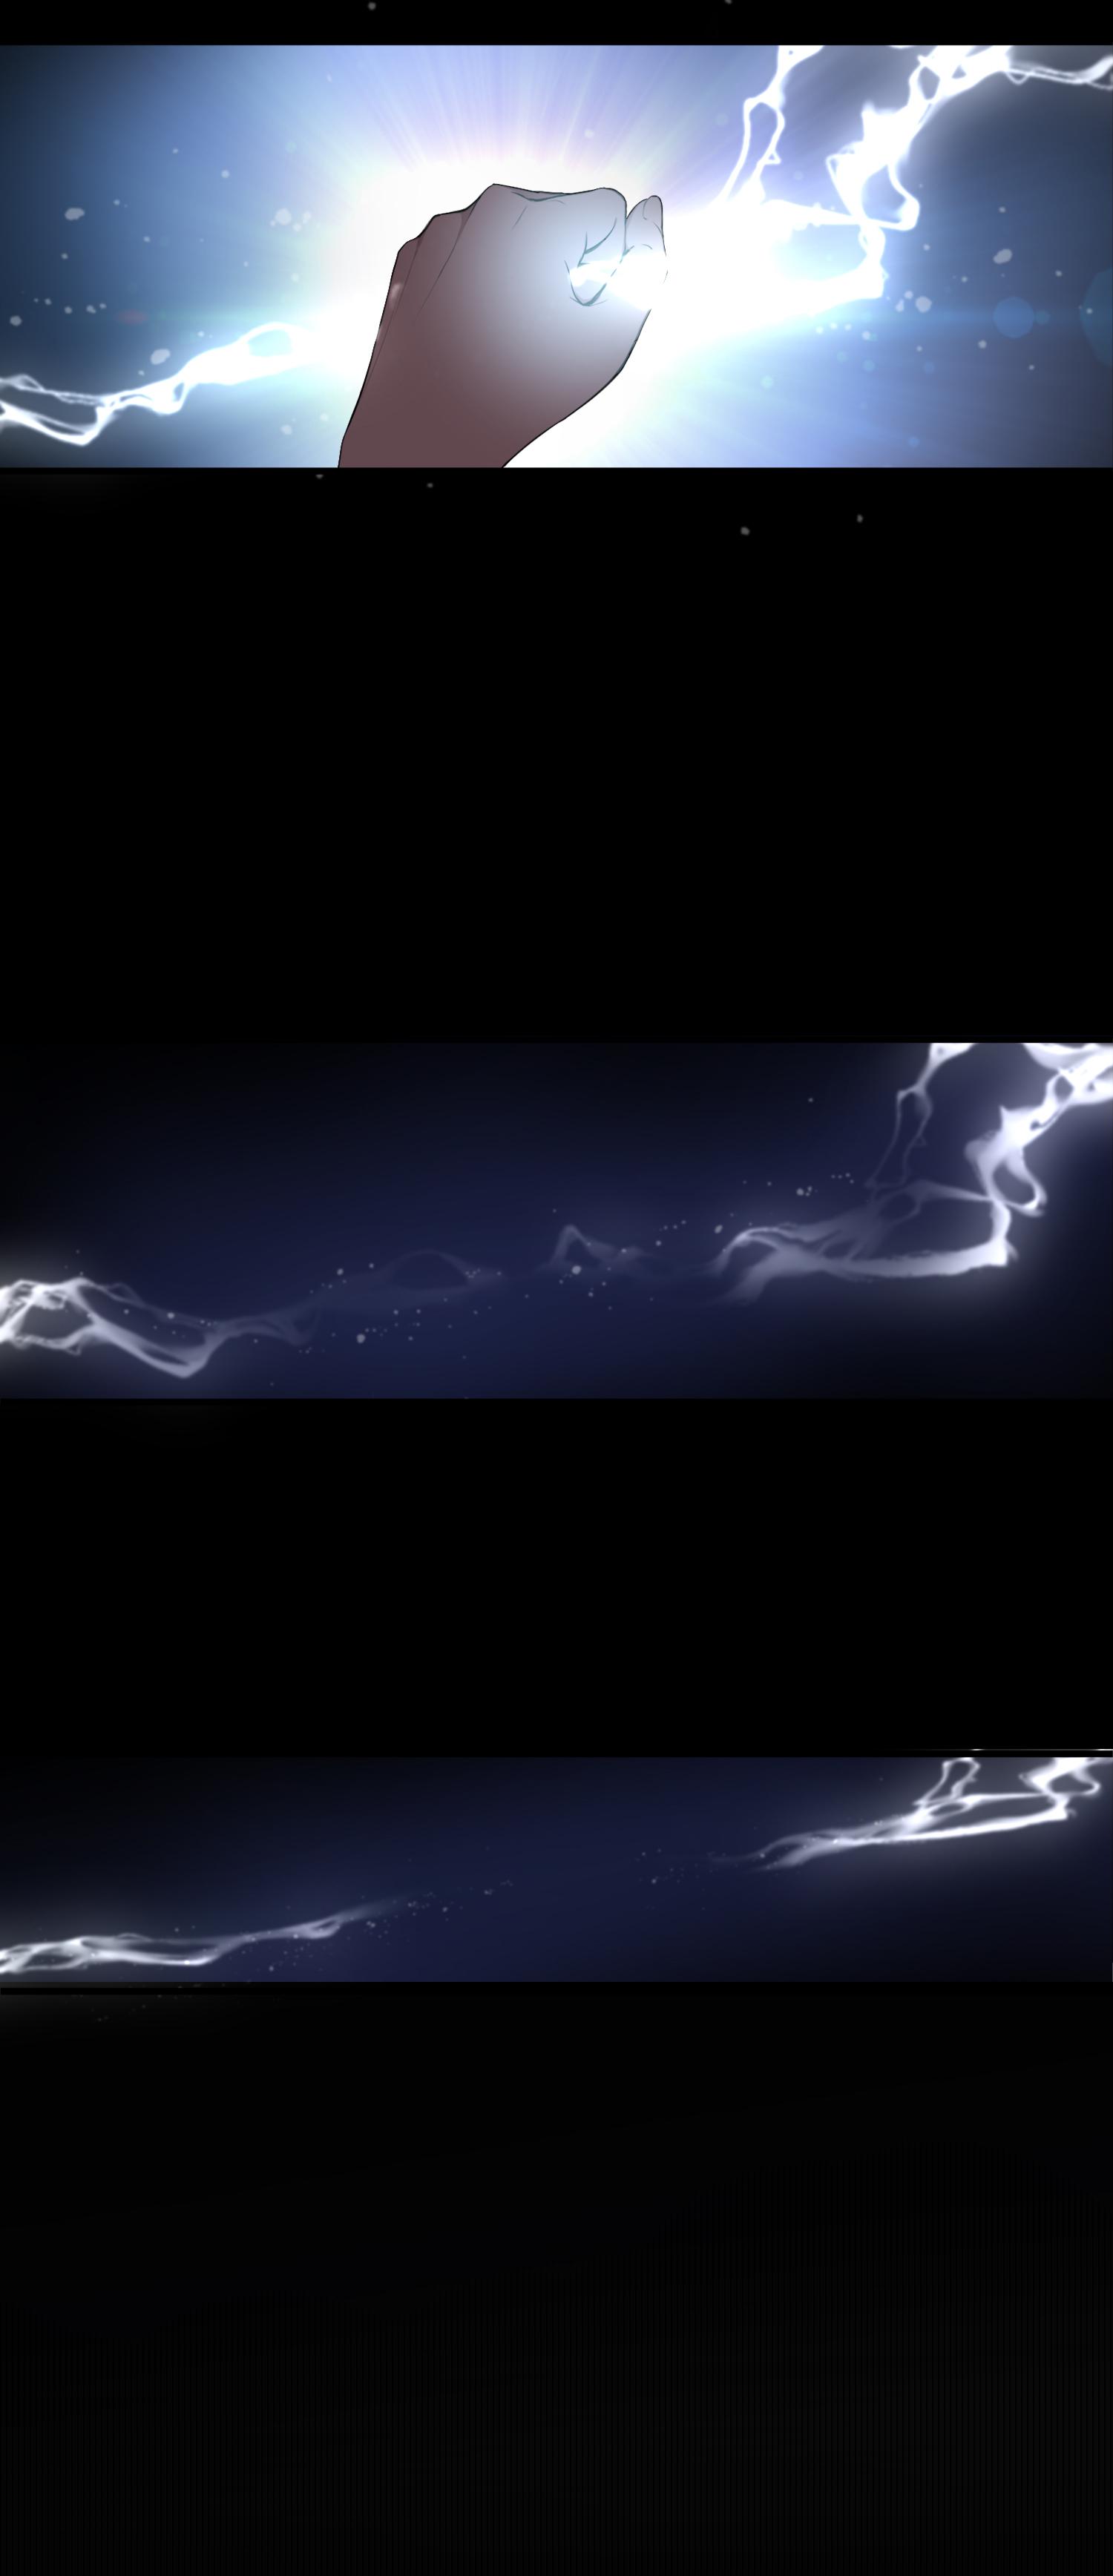 01-02_01.jpg